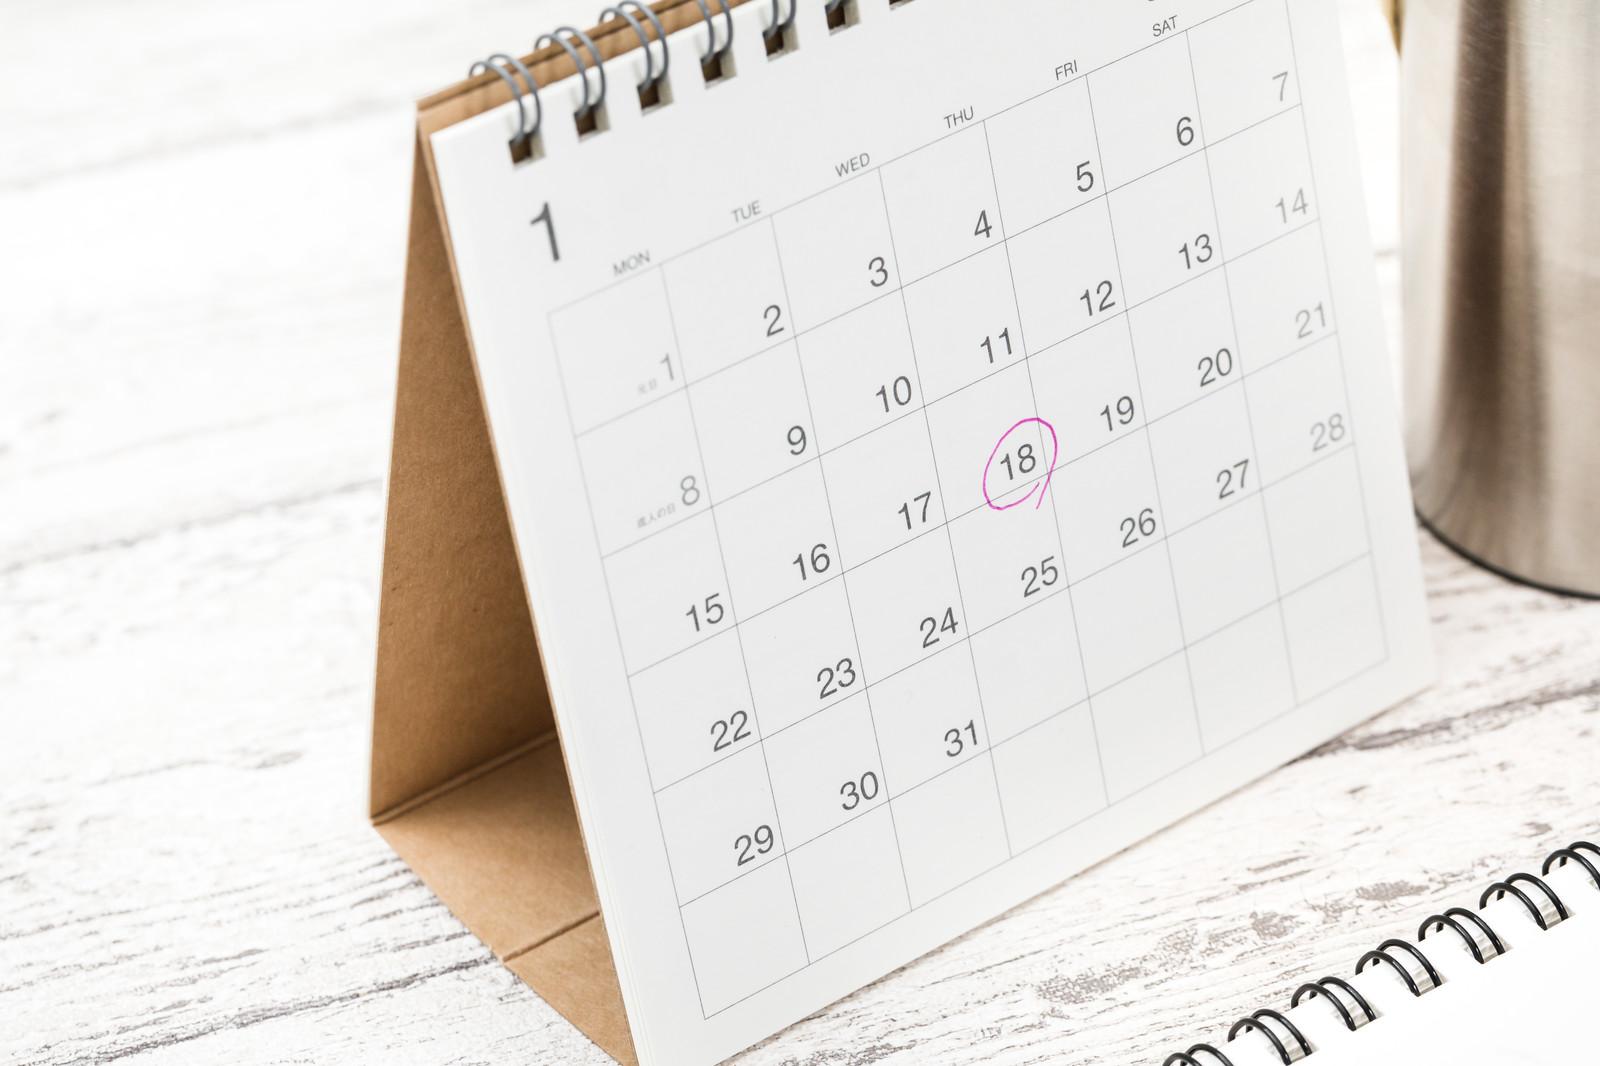 CLASでレンタルした家具が届く日に丸が付けられたカレンダー